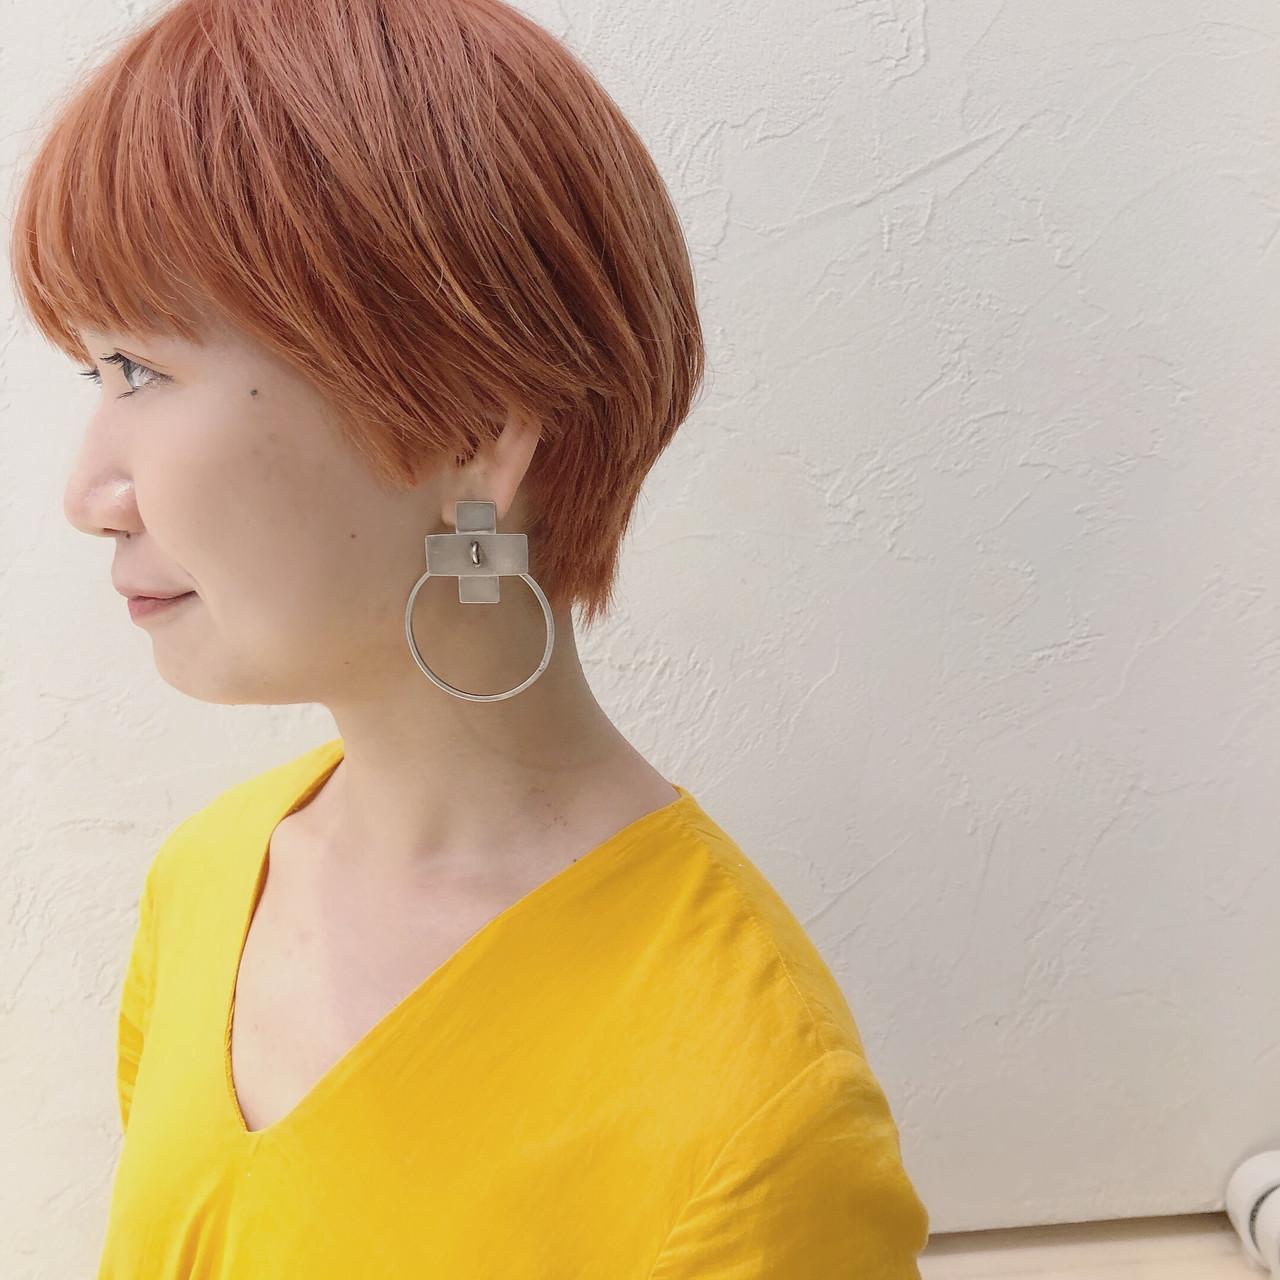 オレンジベージュ ストリート サーモンピンク ショート ヘアスタイルや髪型の写真・画像